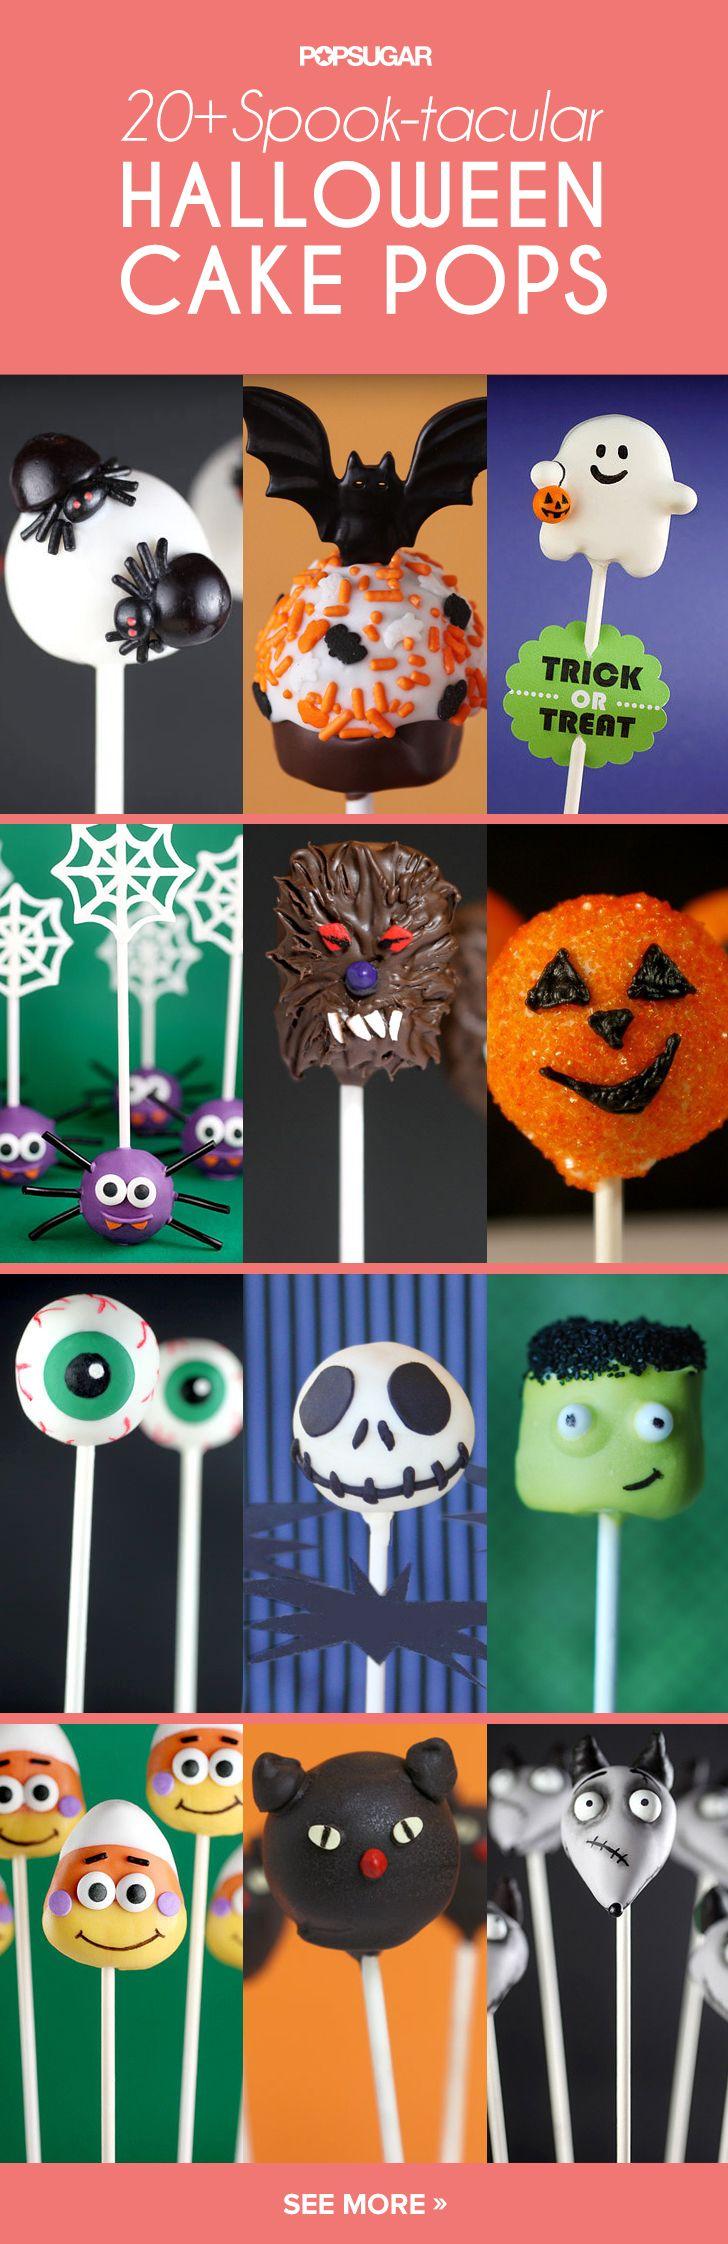 Boo Bites! 20 Spook-tacular Halloween Cake Pops #Cakepops #halloween #Influenster